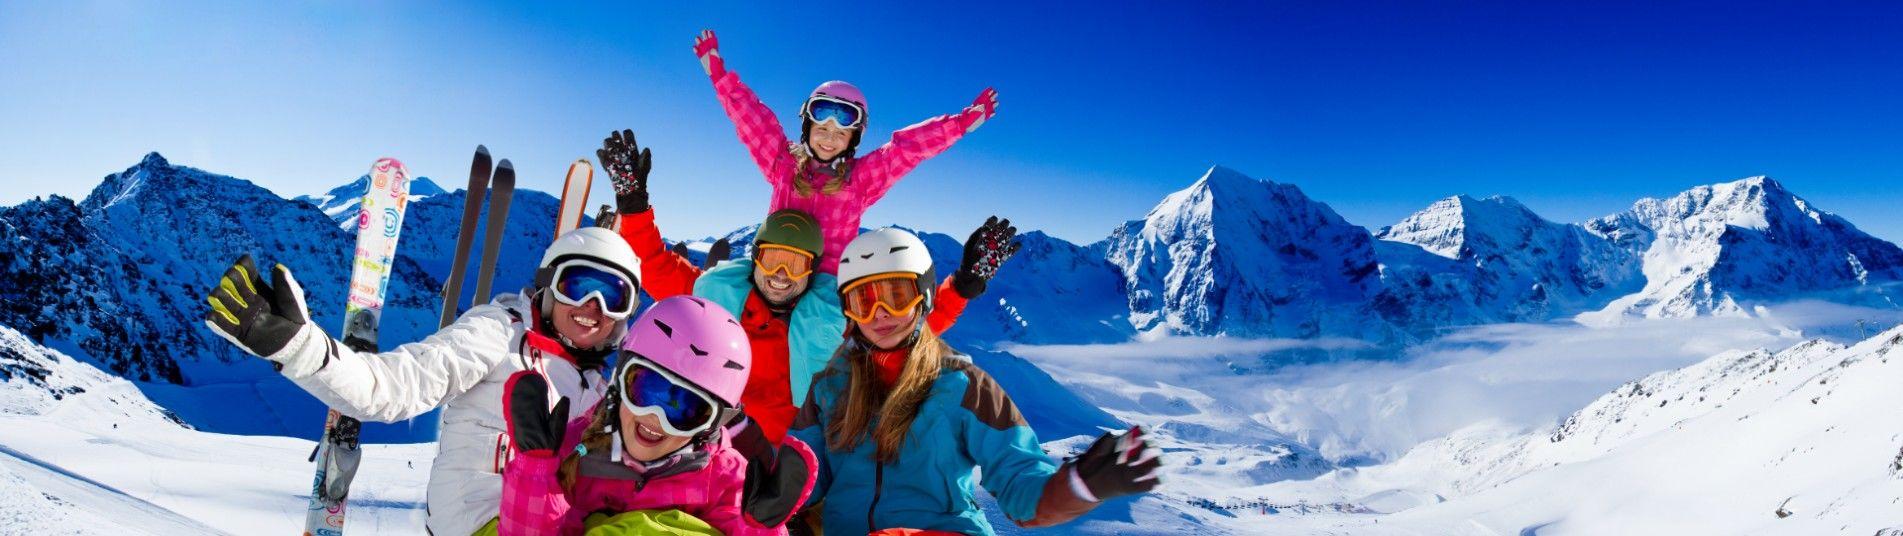 Famille au ski